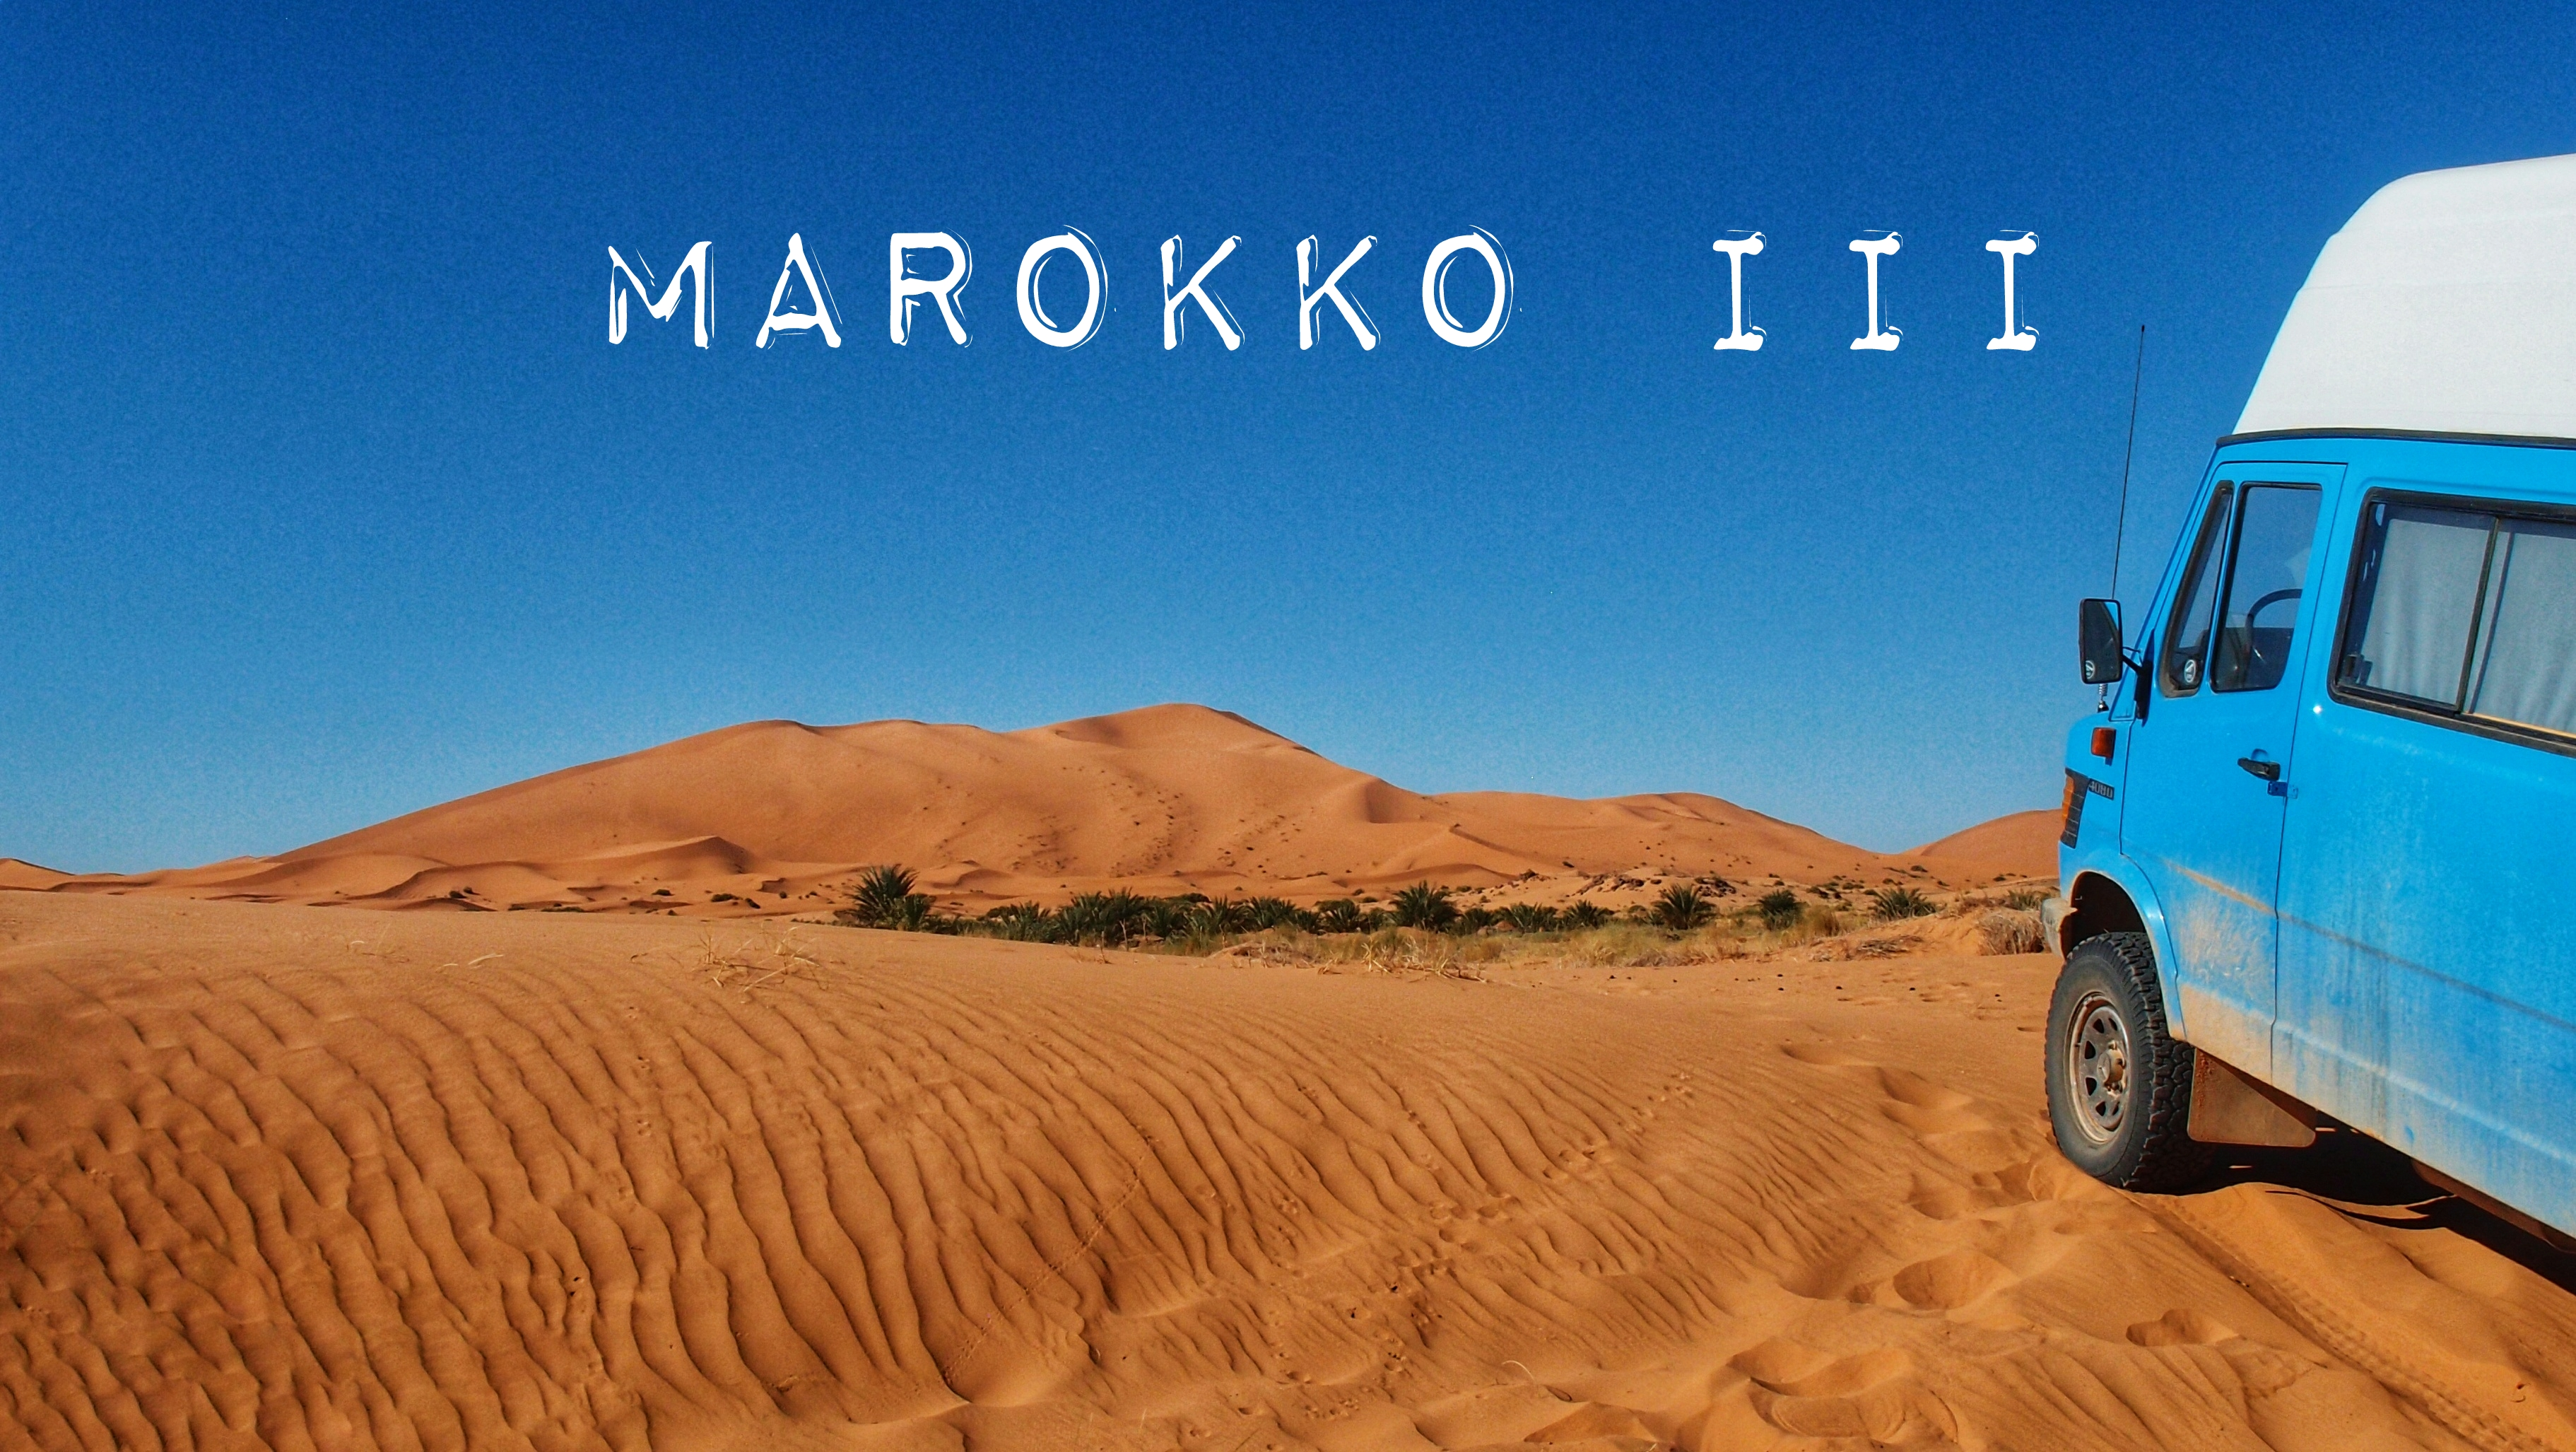 Ab in Marokkos Sandkasten